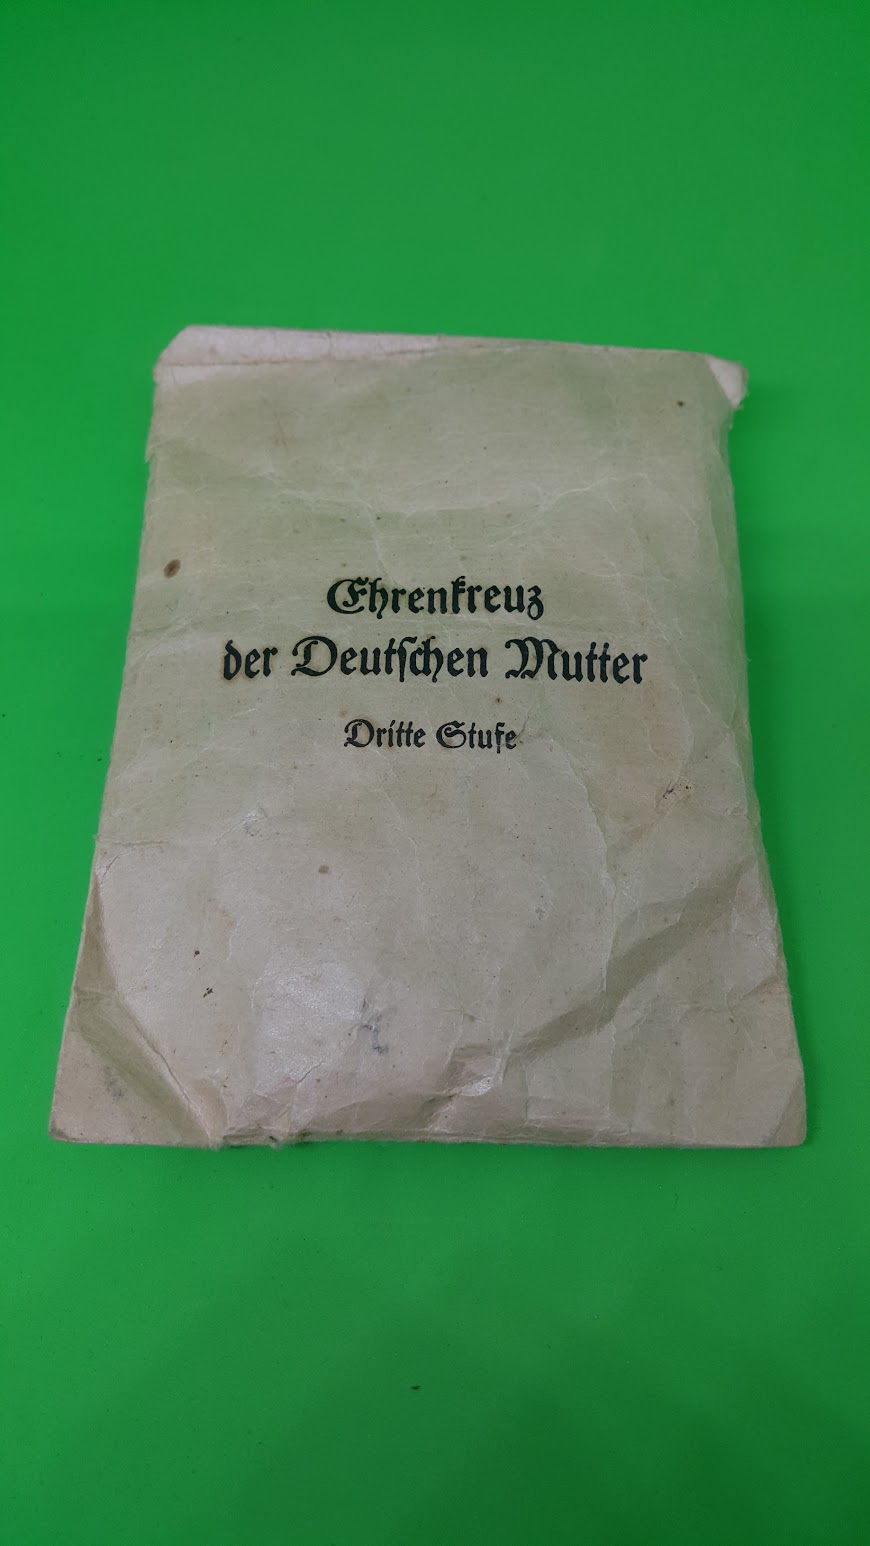 Ehrenkreuz der deutschen Mutter - Dritte Stufe